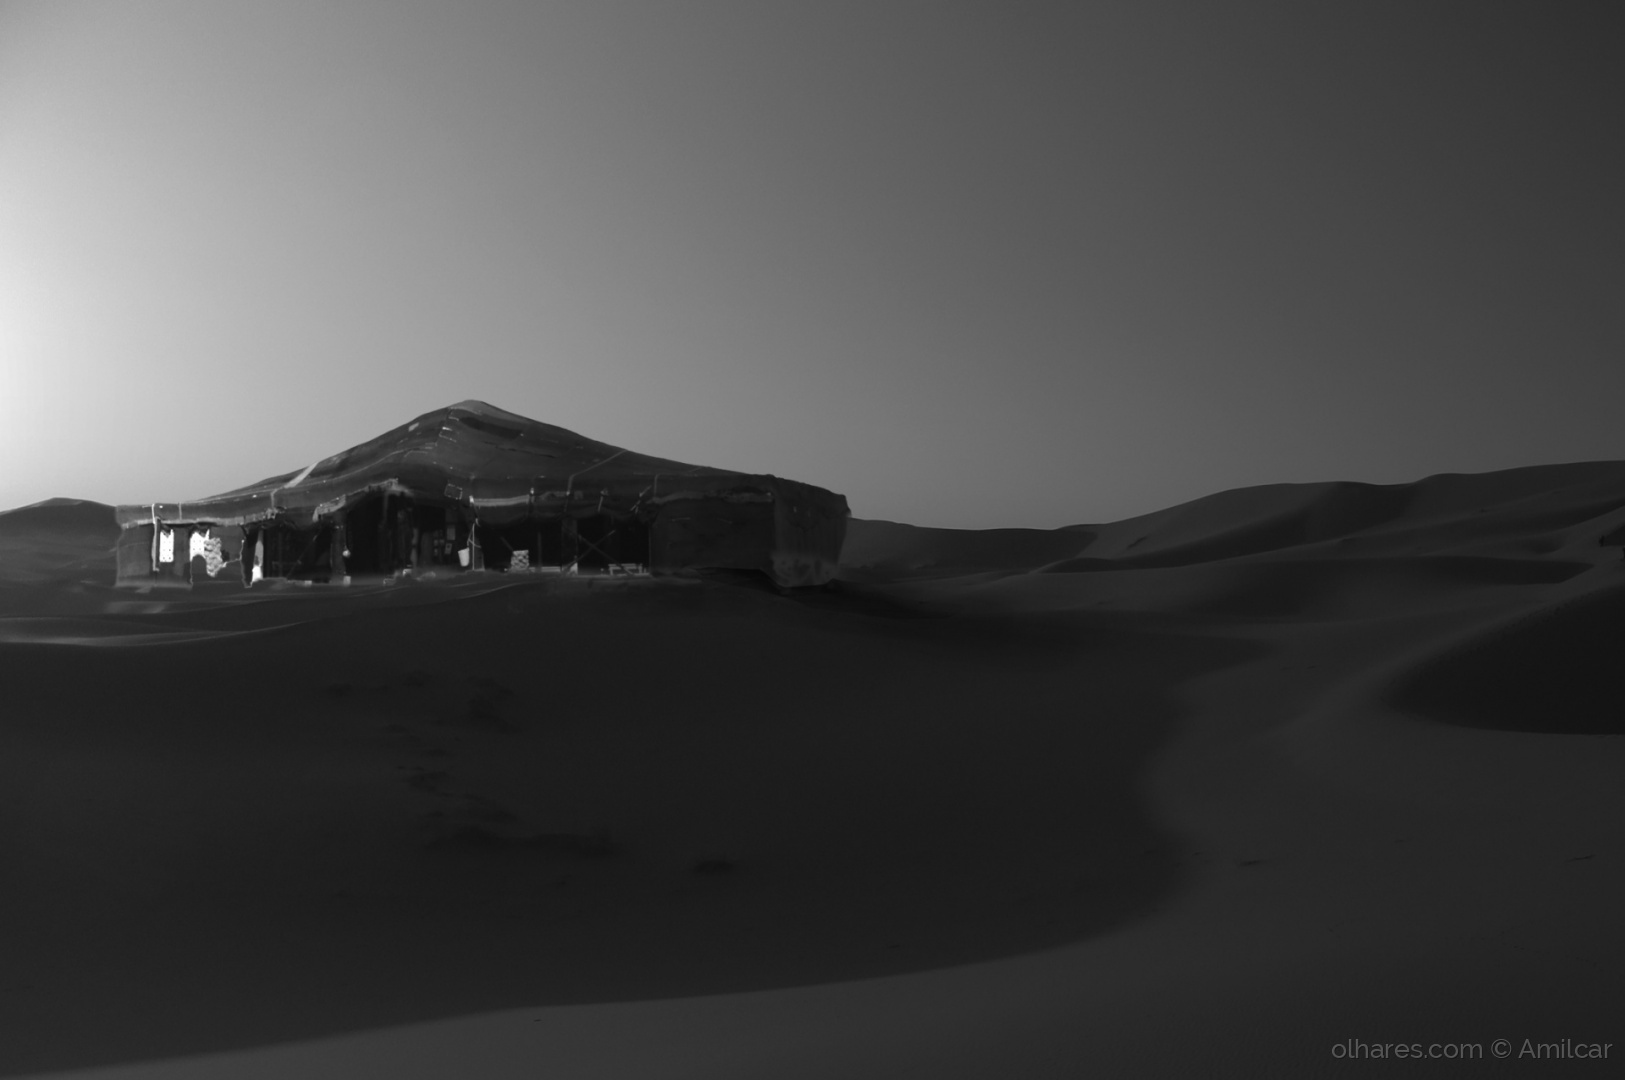 Arte Digital/Deserto do Saara (Composição)